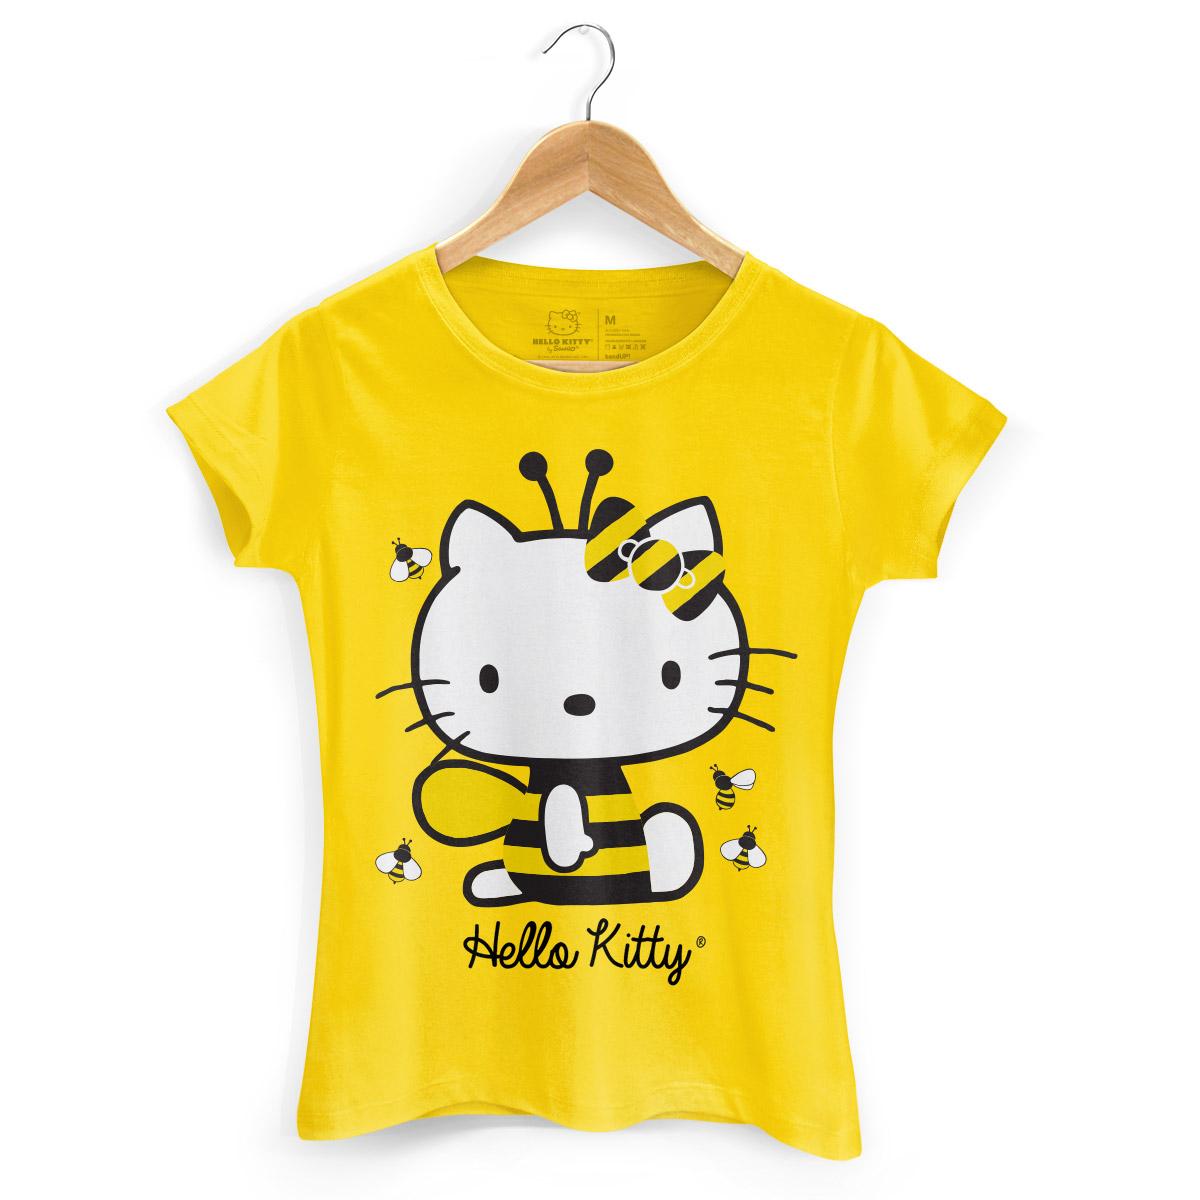 Camiseta Hello Kitty Bee